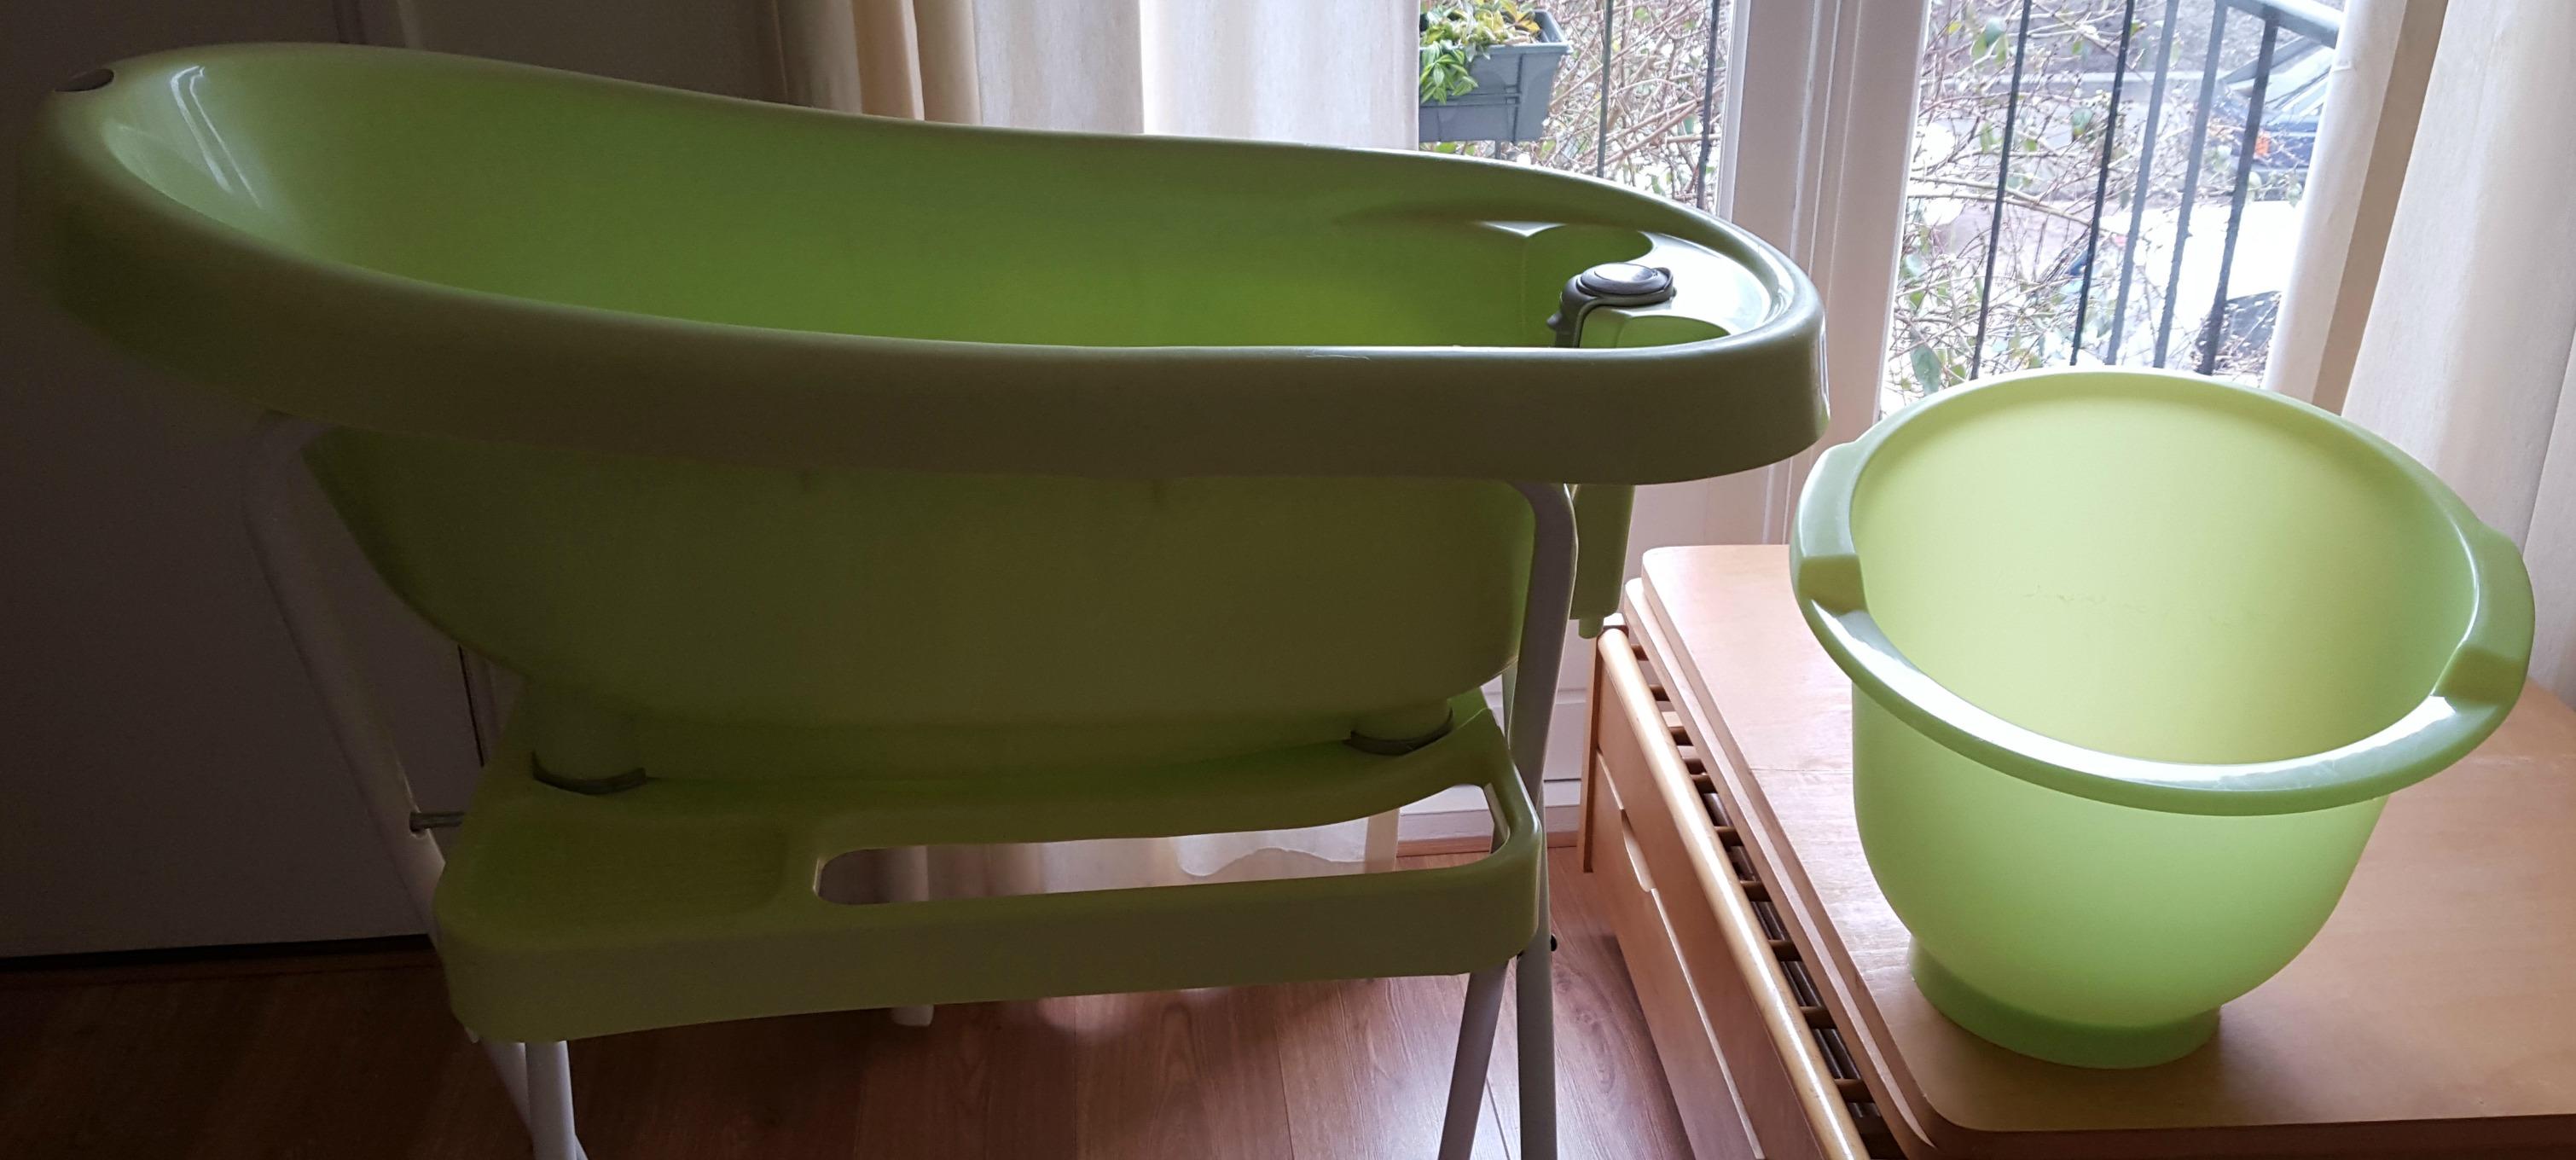 'Week 21: Peer pressure en een groen badje' In week 21 hebben we een commode en babybad gekocht en heb ik het over de peer pressure die je kunt voelen als aanstaande meemoeder of ouder. Lees het snel op http://meemoeder.com/week-21/